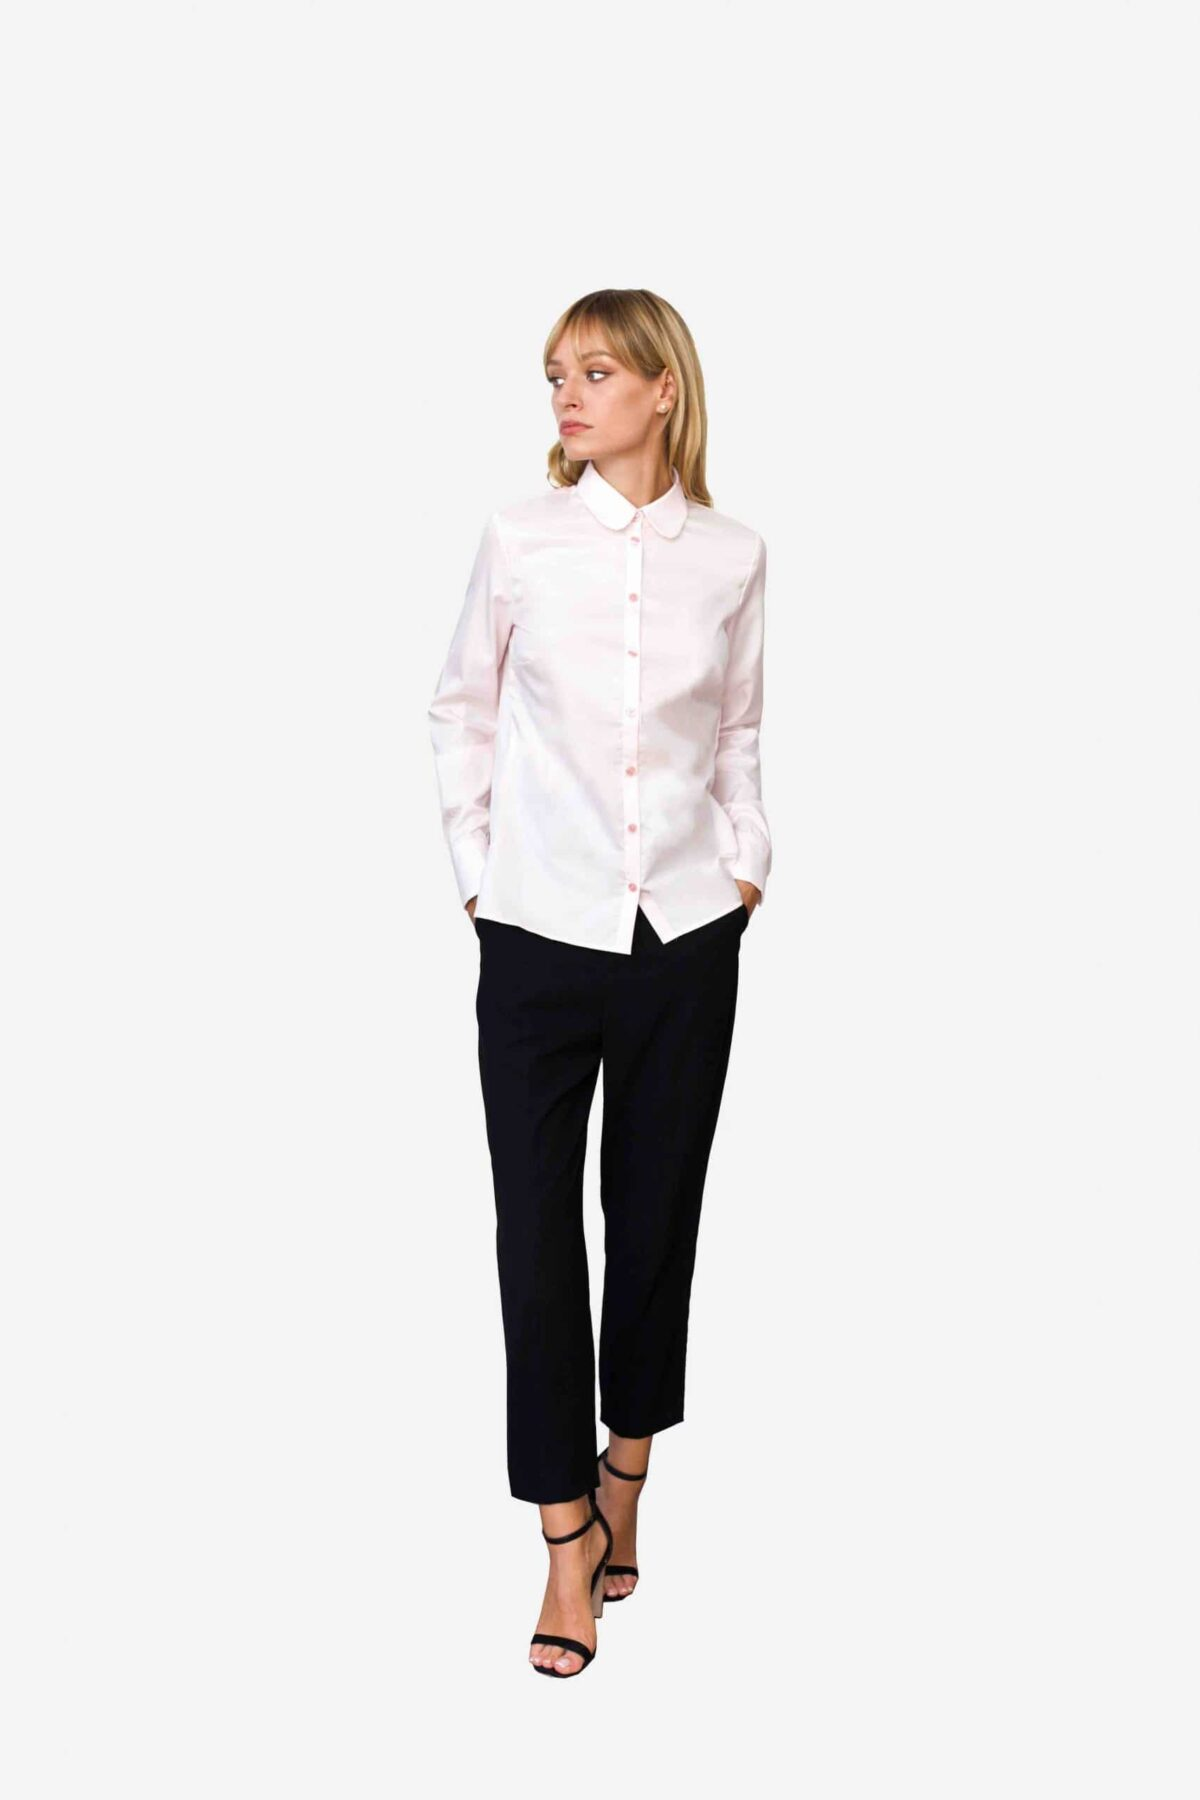 Bluse Valentina von SANOGE. Klassische Business Bluse in rosa mit Bubikragen Clubkragen in Regular Fit (gerader Passform). Hergestellt in Deutschland.